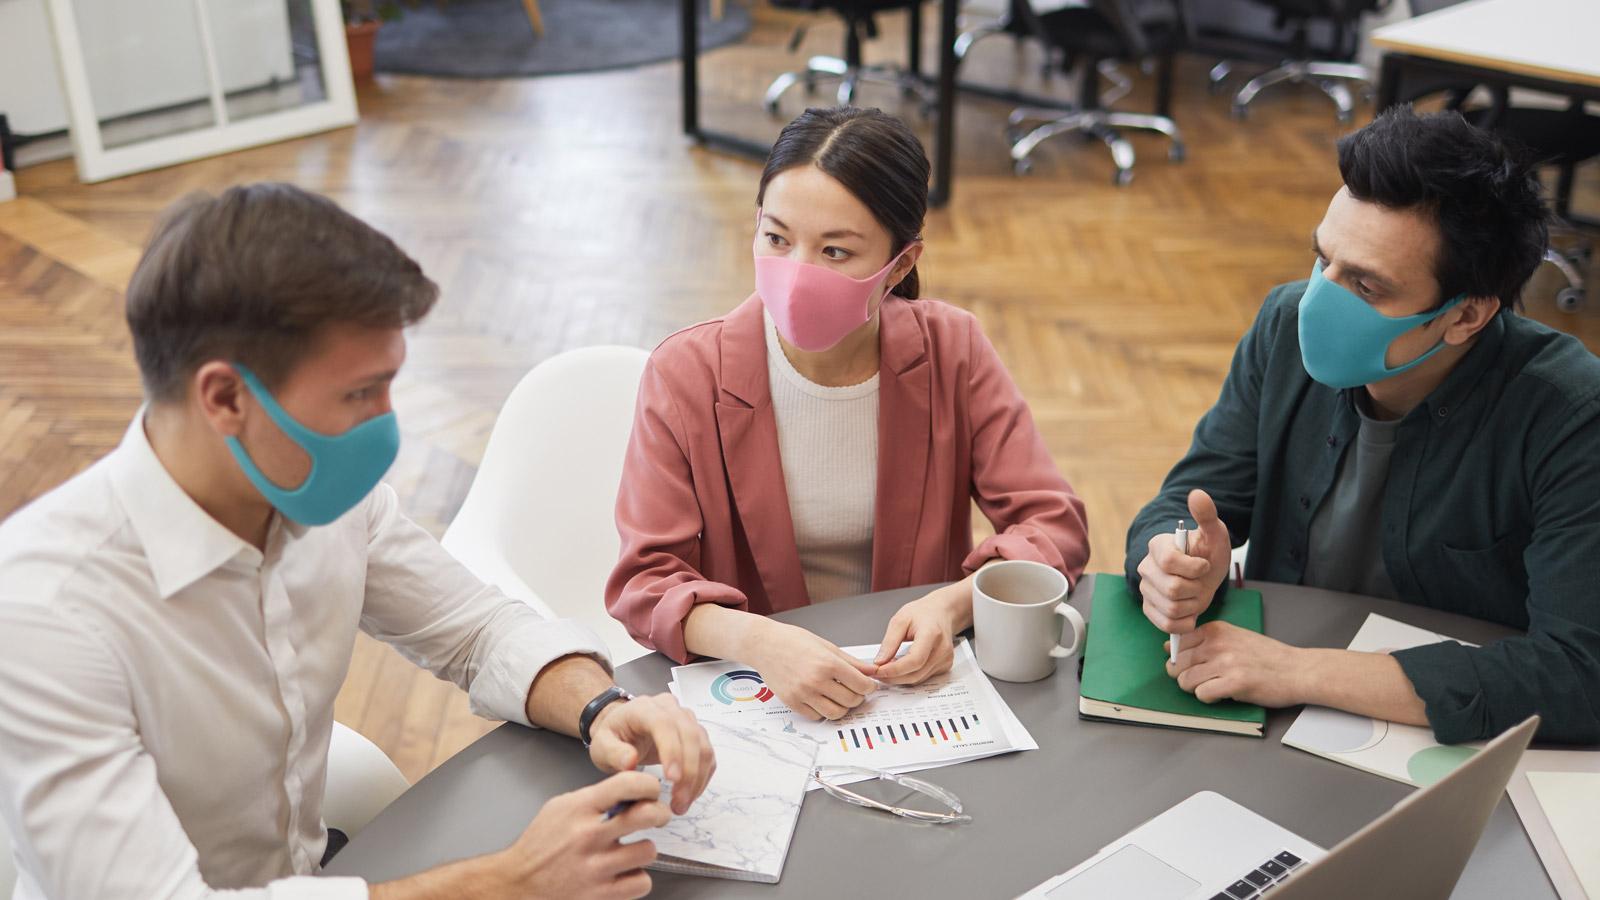 Spotkania biznesowe, szkolenia, konferencje i kongresy –wytyczne Ministerstwa Koronakryzys mediarun spotkanie epidemia wytyczne 2020